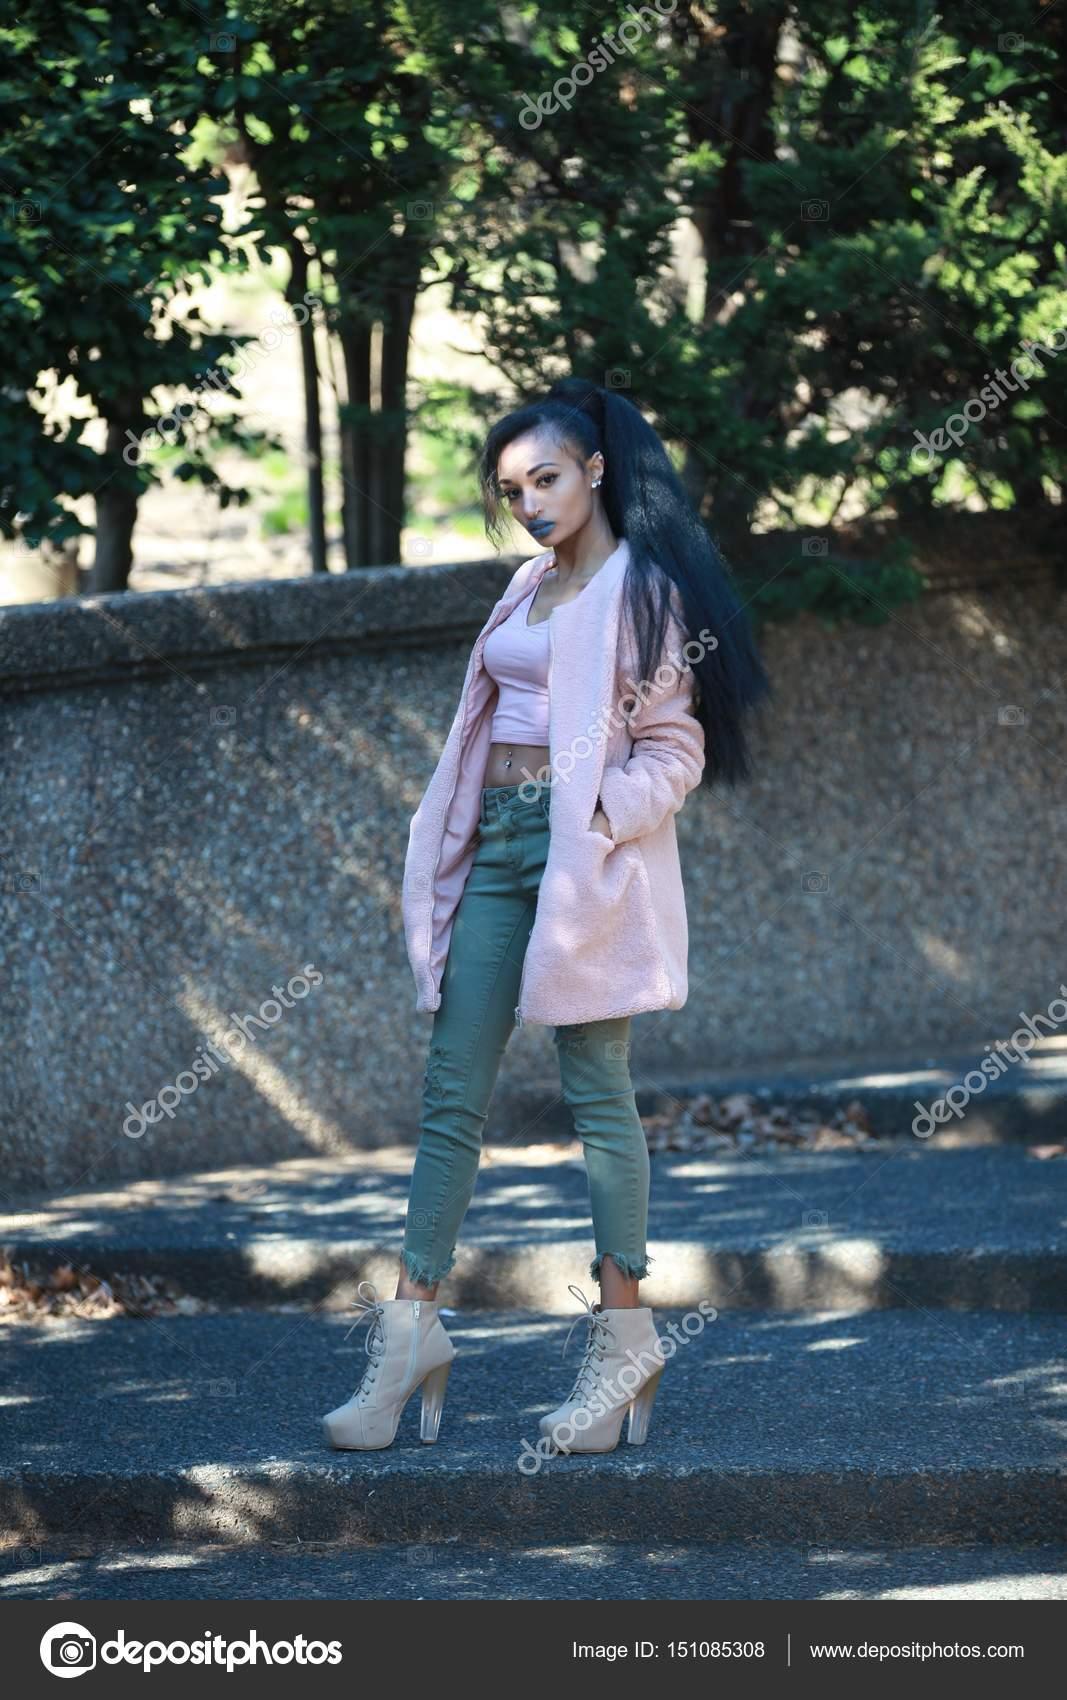 3a30938731c5 Κομψά γυναικεία casual ρούχα — Φωτογραφία Αρχείου © kosim.shukurov ...